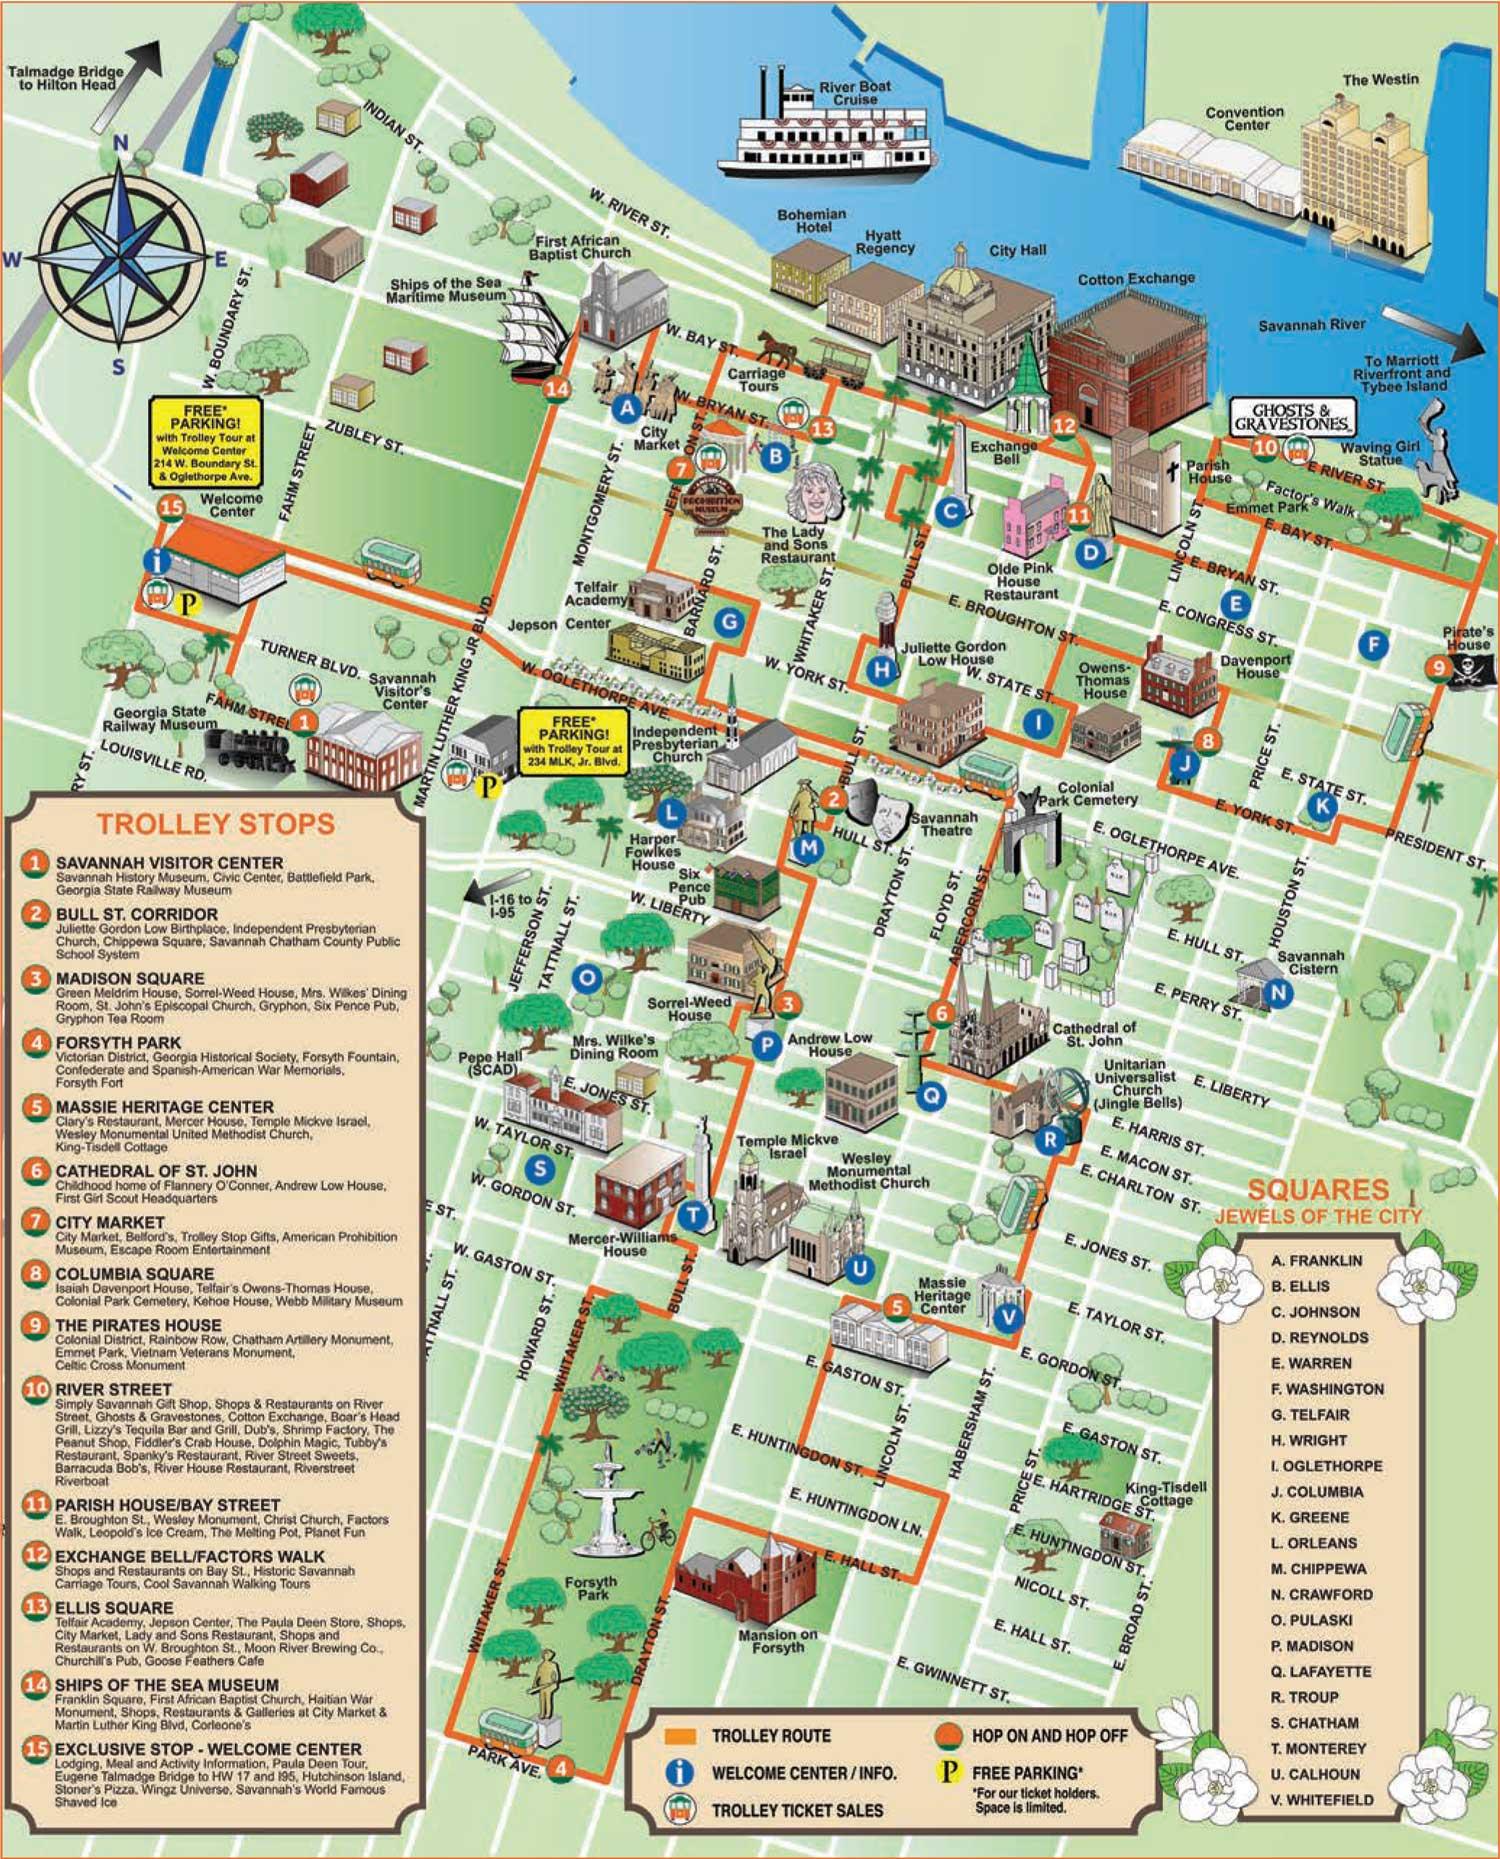 savannah-trolley-tour-map.jpg